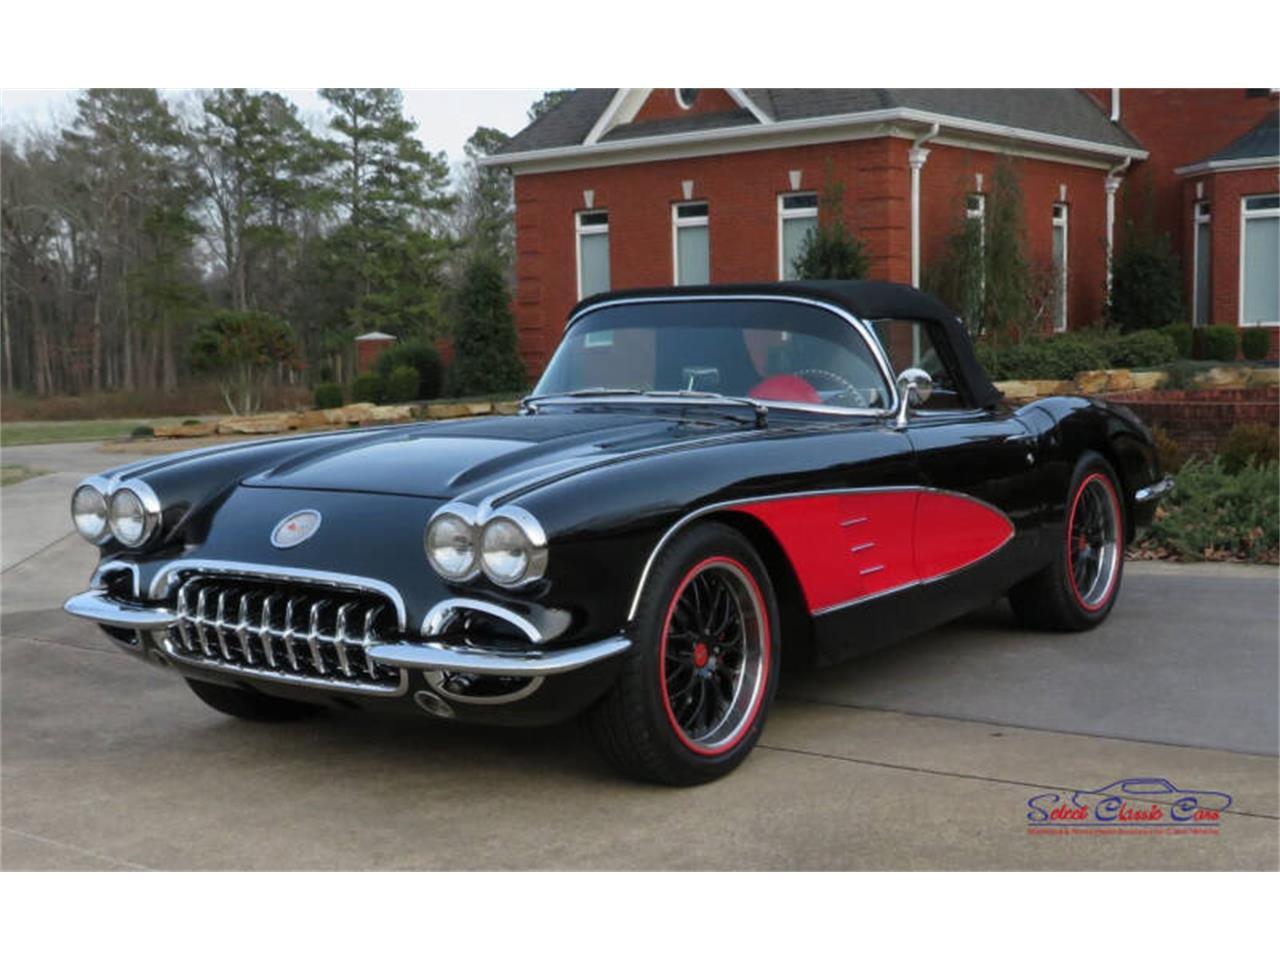 1958 corvette wiring harness 1958 chevrolet corvette for sale classiccars com cc 1344369  1958 chevrolet corvette for sale